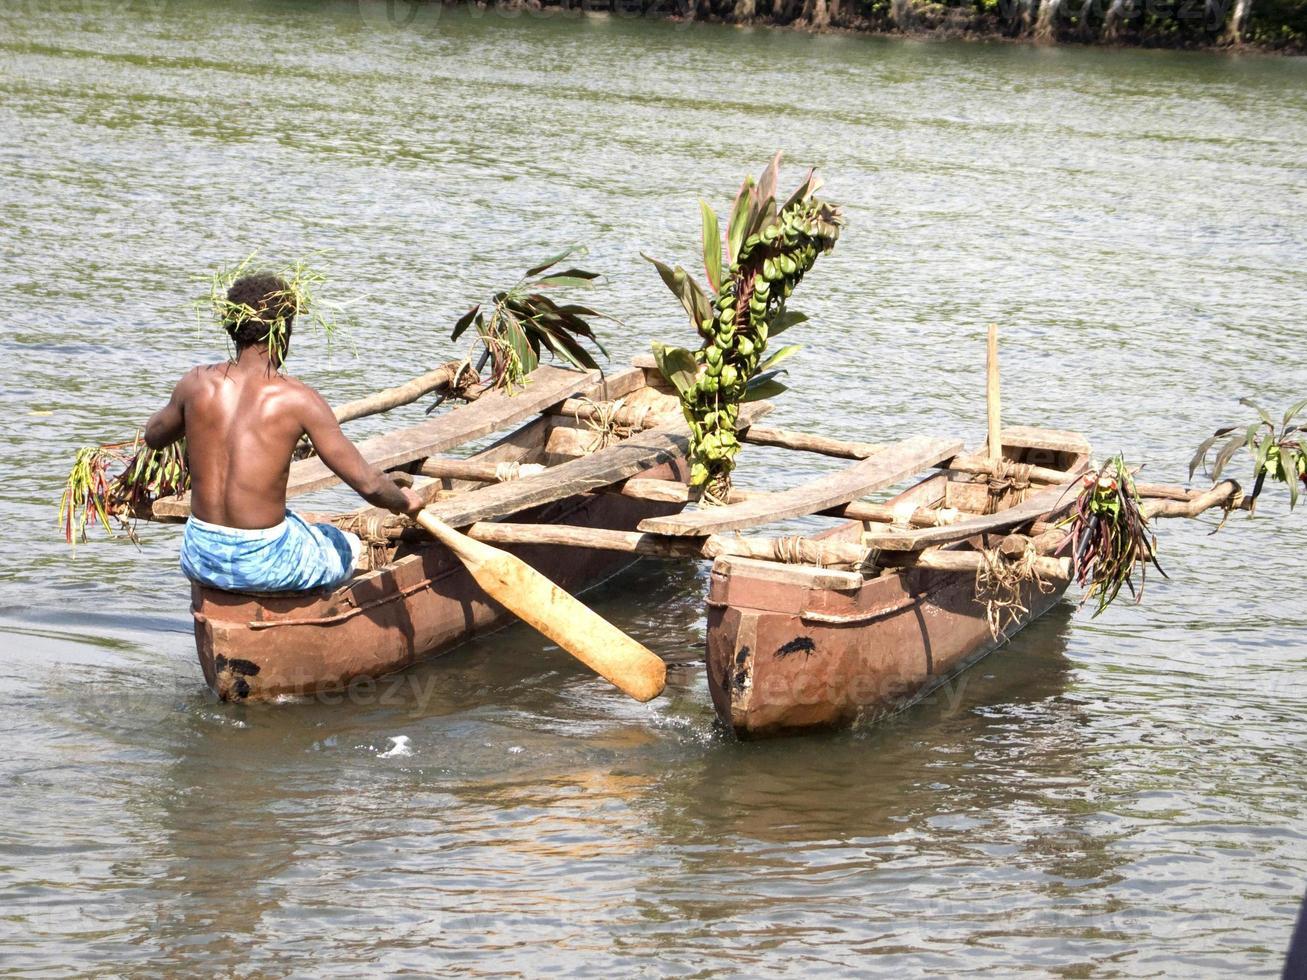 un uomo tribale che spinge due canoe foto